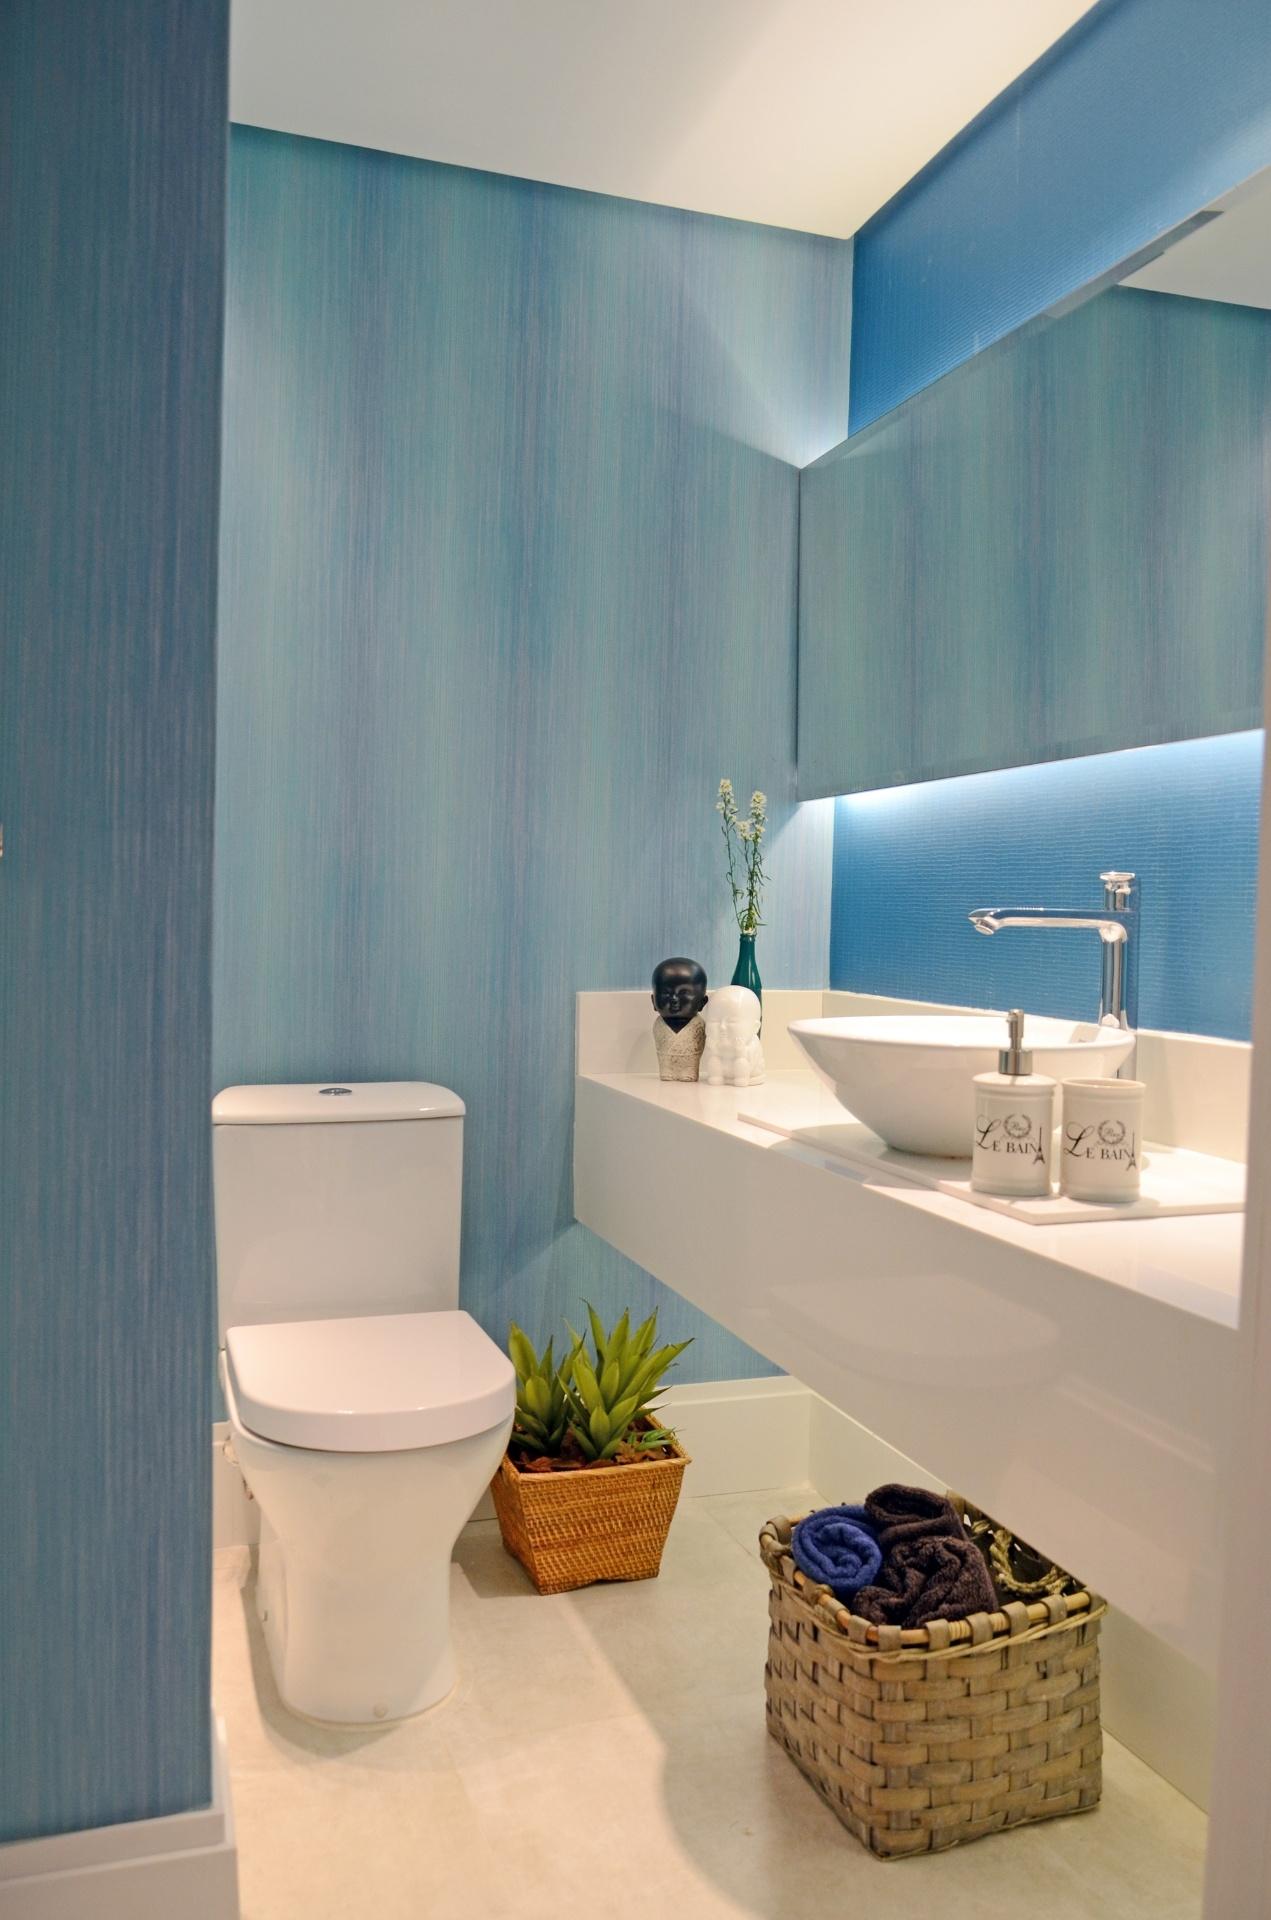 Detalhe do espaço do banheiro delimitado por uma fluida cortina no  #866734 1271x1920 Bancada Banheiro Rj